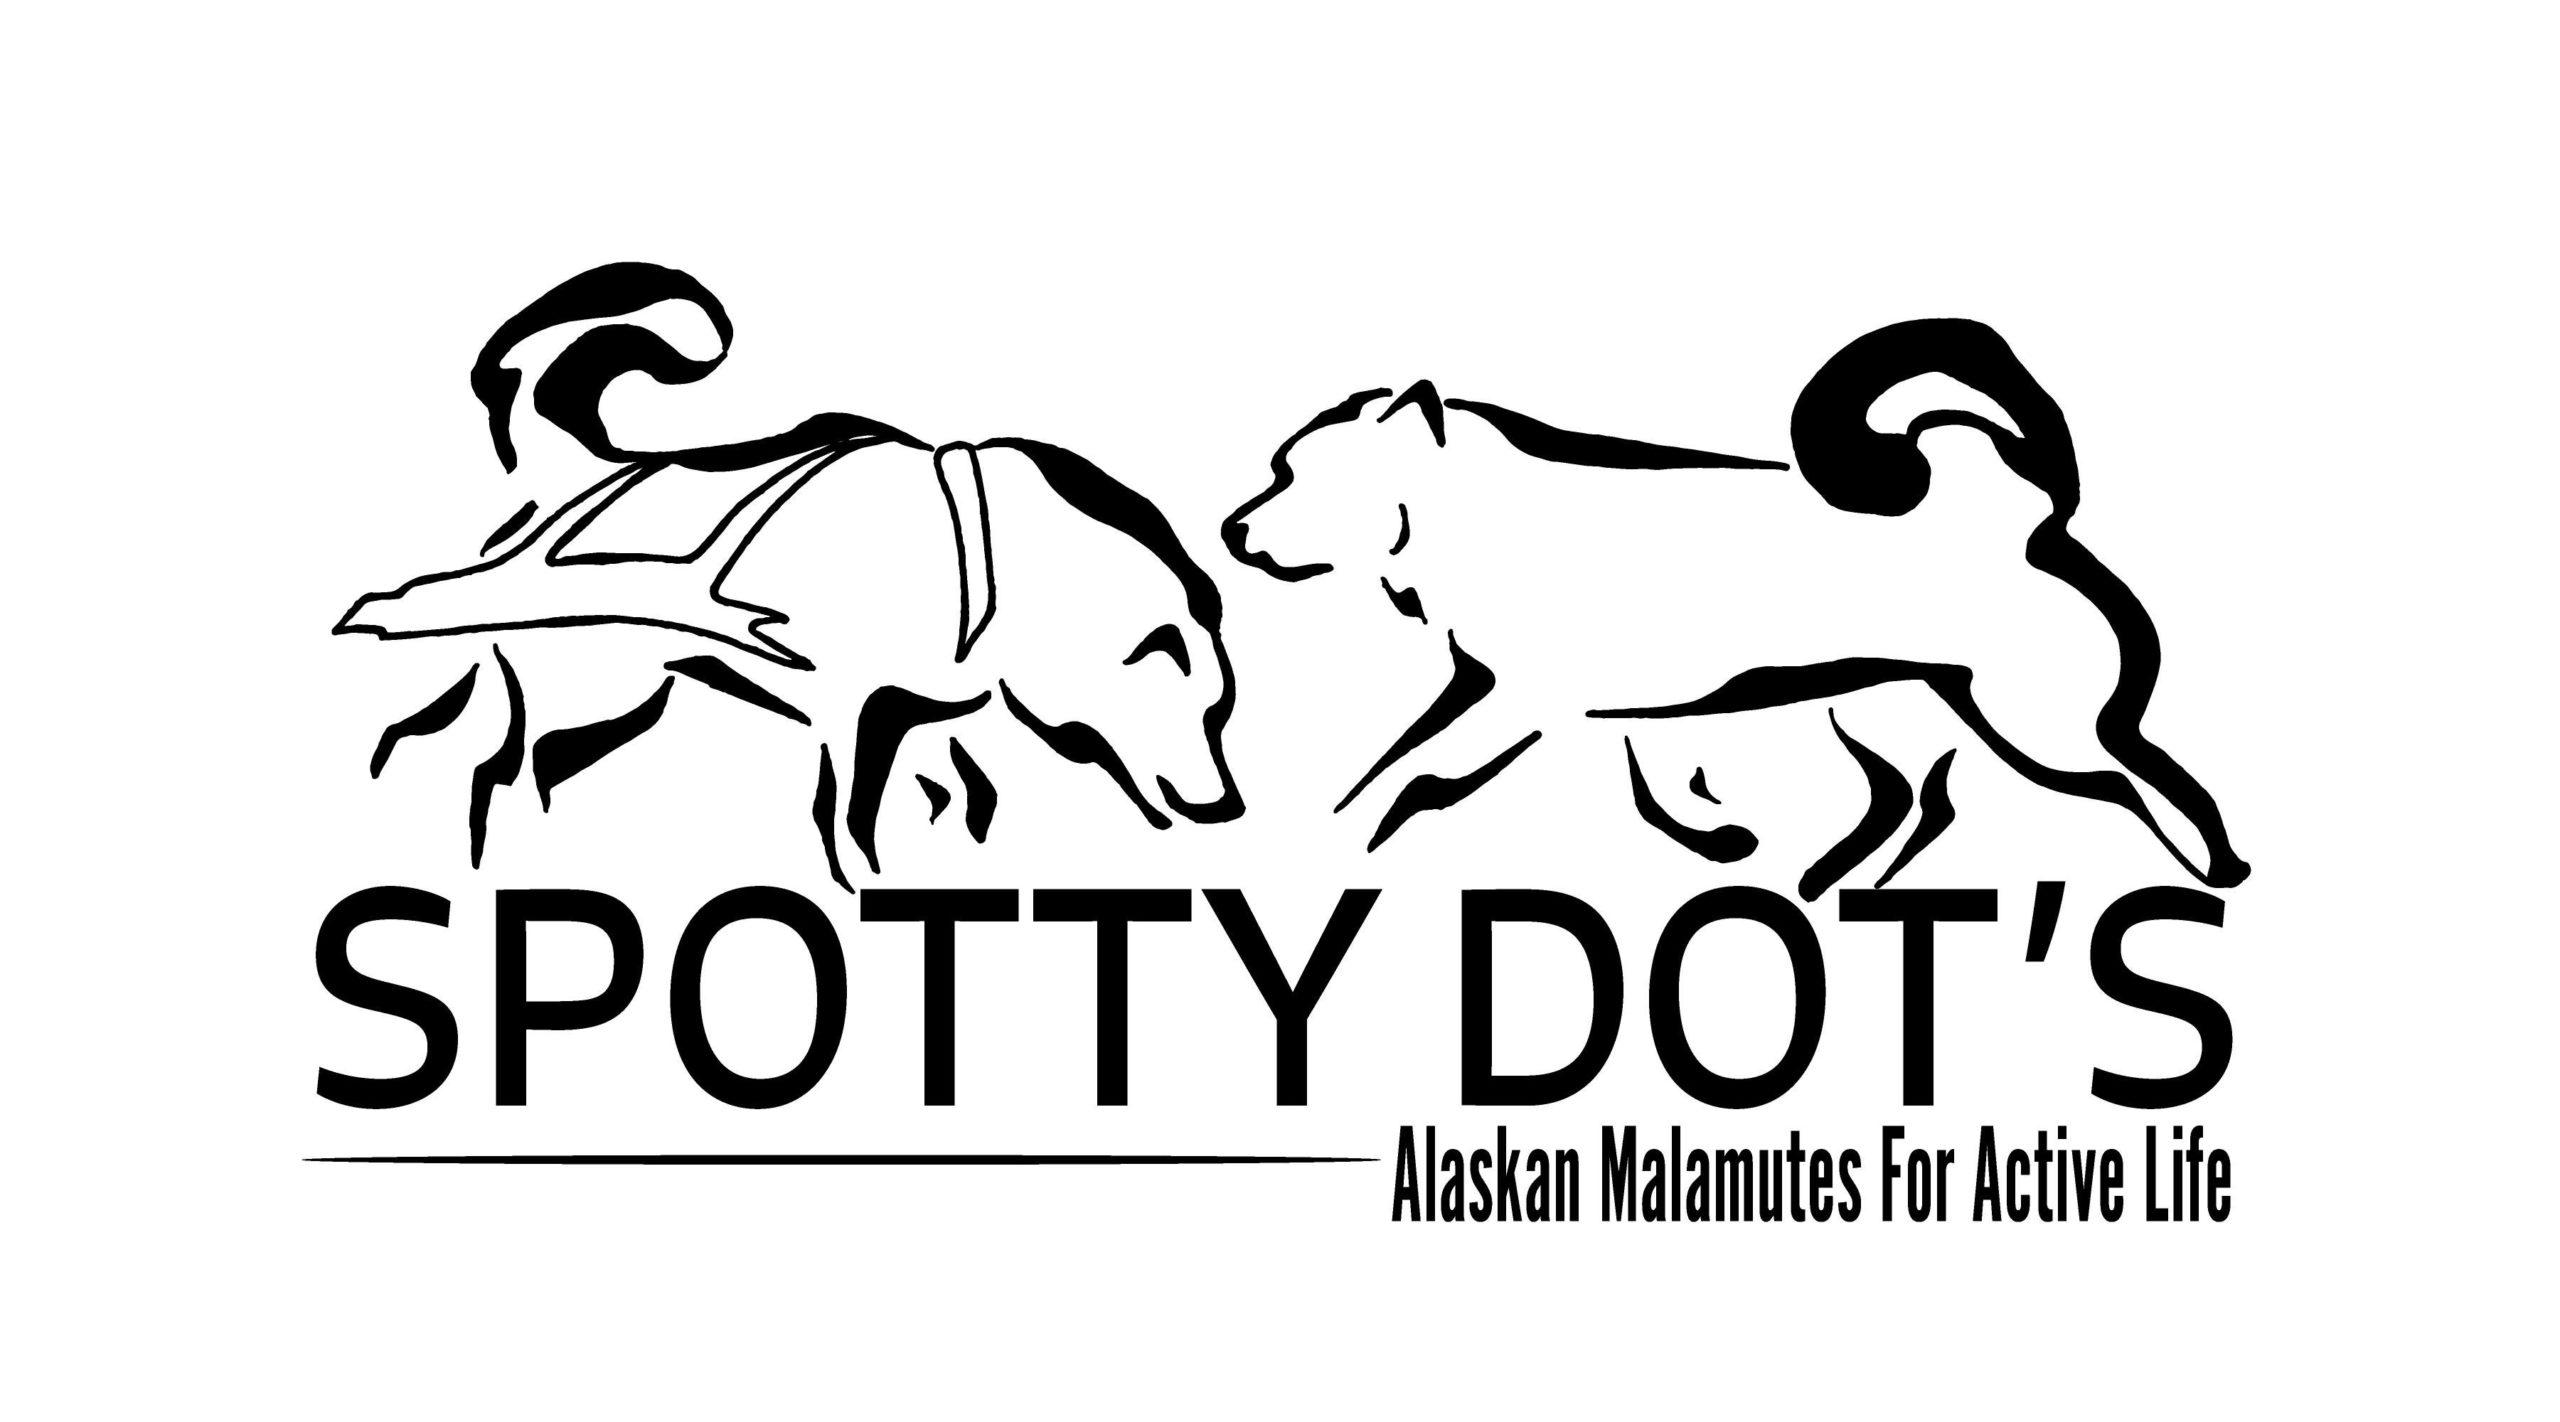 Spotty dot's